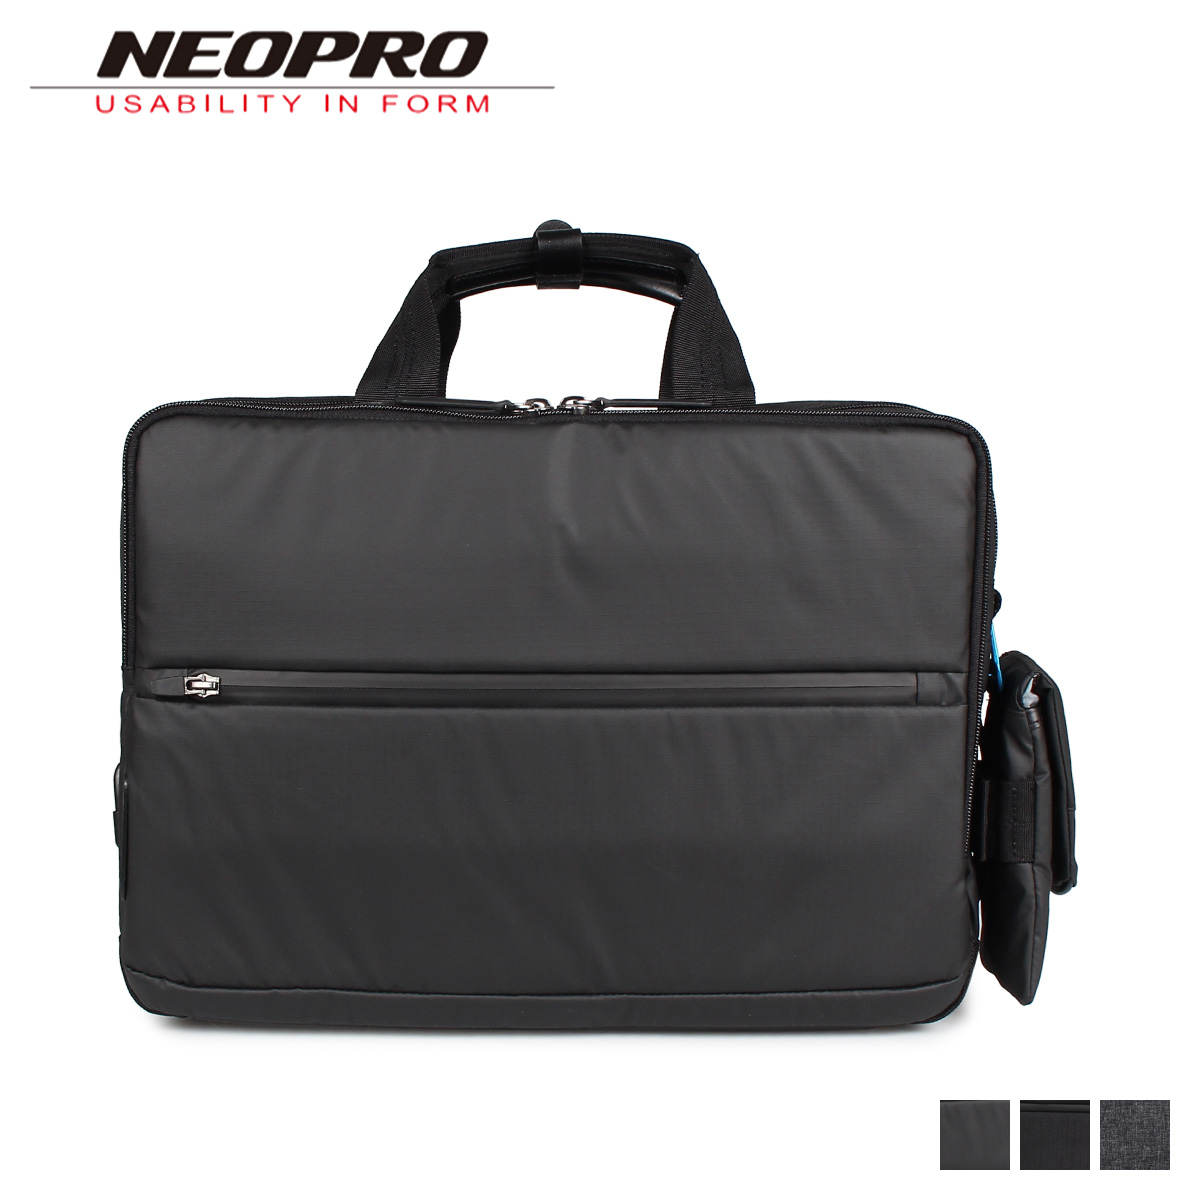 NEOPRO CONNECT ネオプロ リュック バック バックパック ビジネスバッグ ショルダー メンズ 2WAY ブラック 黒 2-771